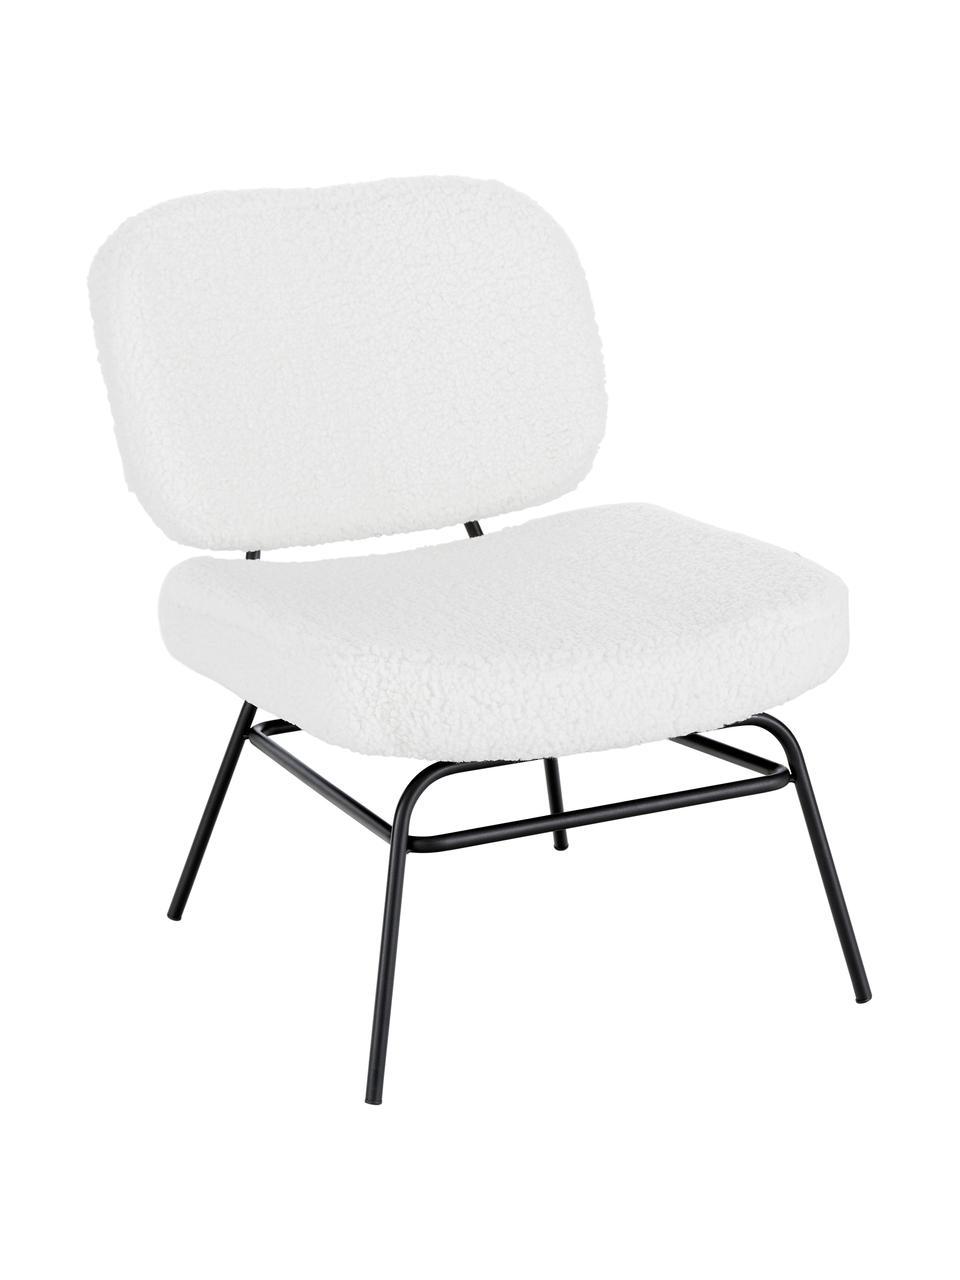 Krzesło tapicerowane Teddy Malte, Tapicerka: poliester (futro Teddy) D, Nogi: metal malowany proszkowo, Tapicerka: kremowobiały Nogi: czarny matowy, S 58 x G 71 cm